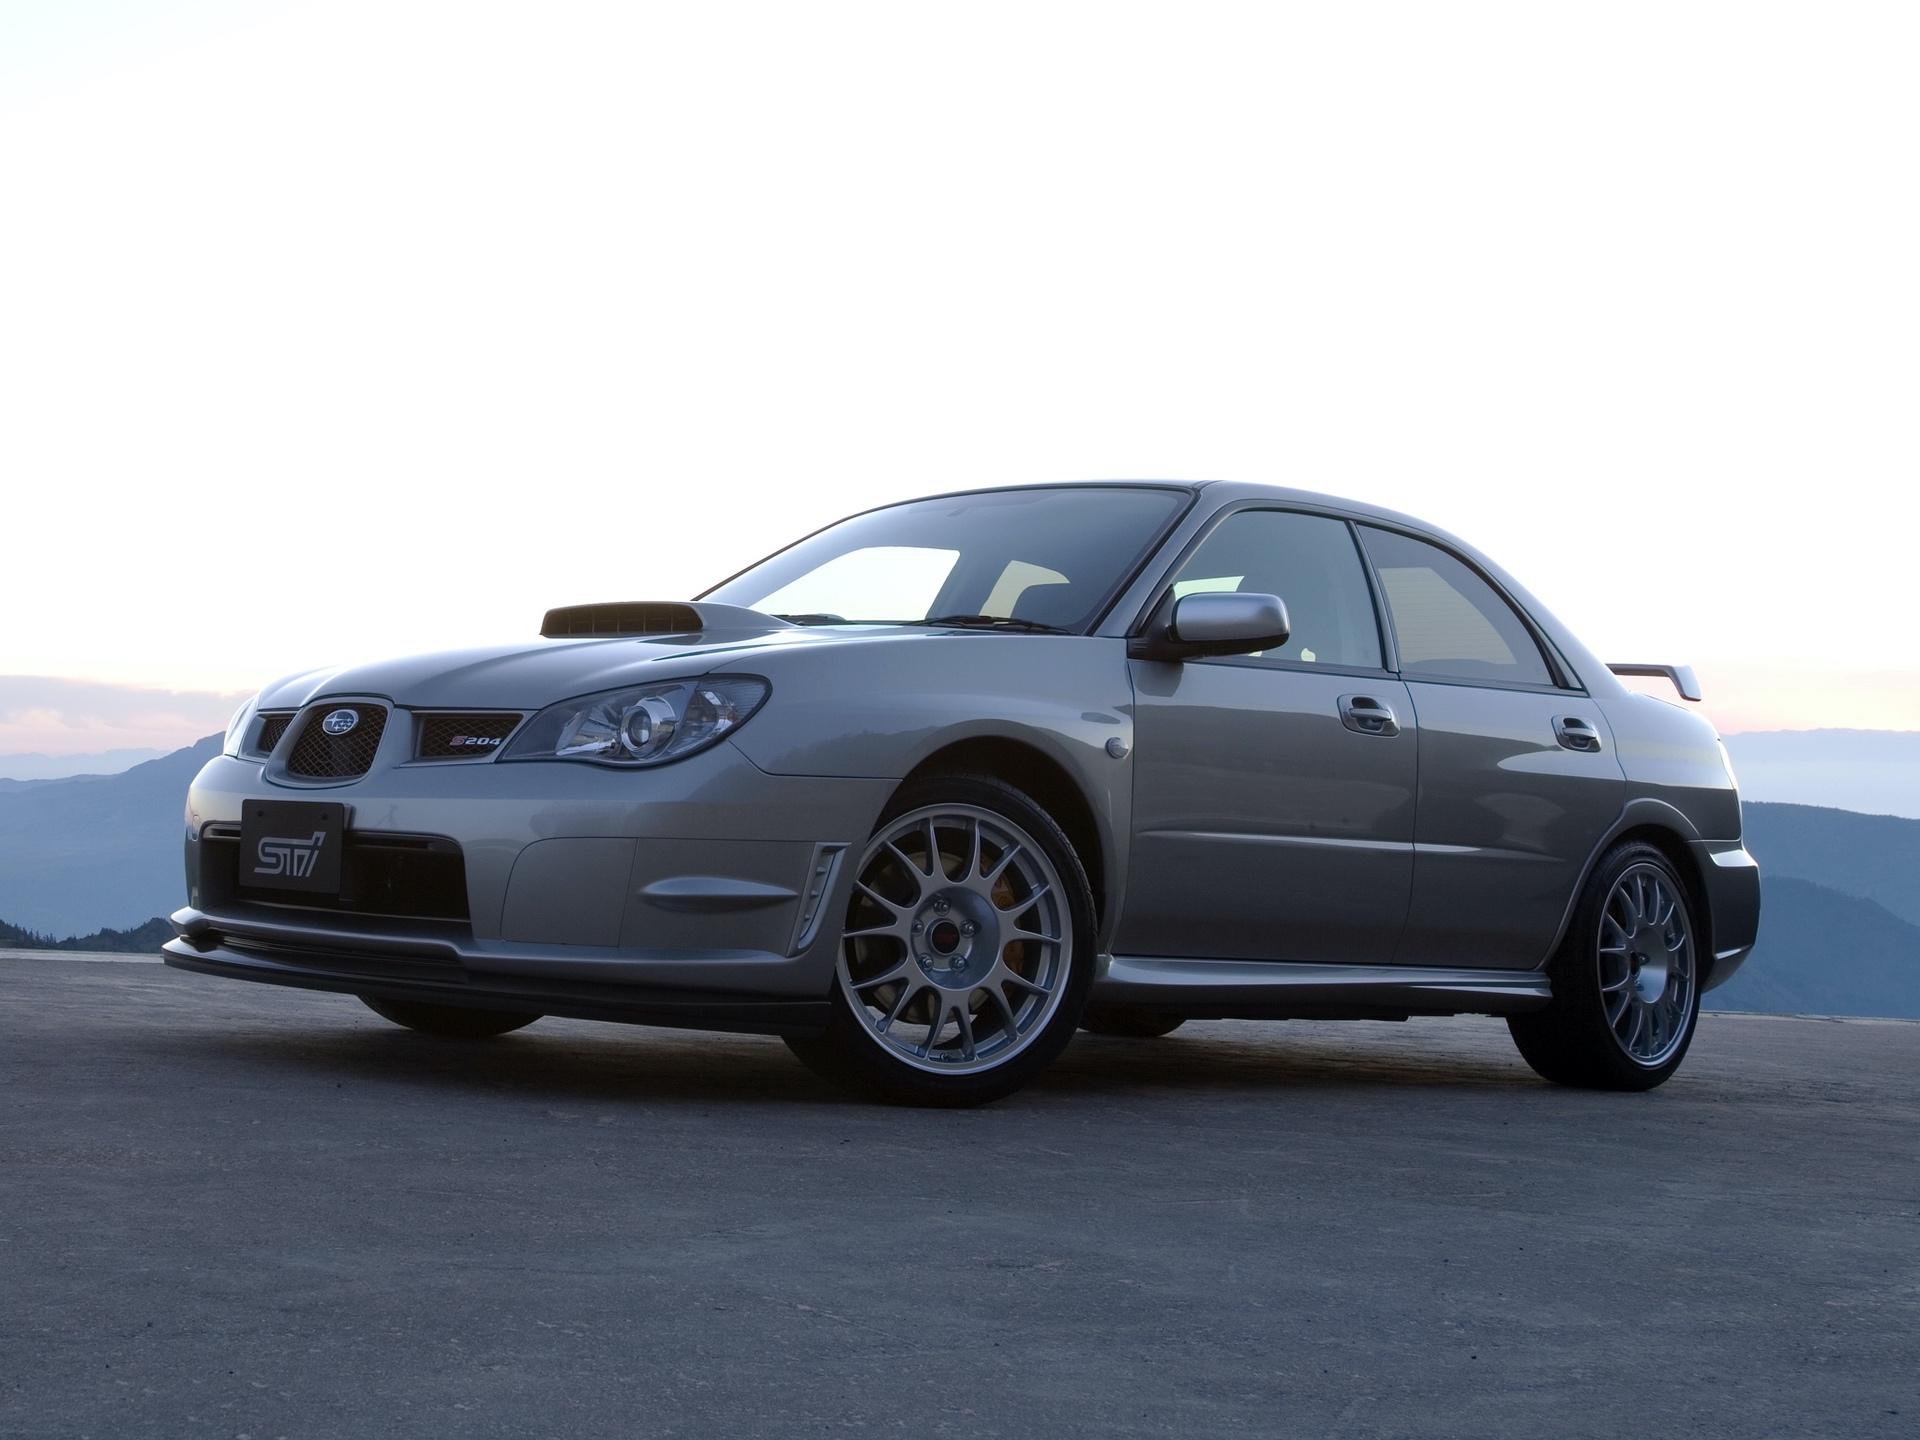 Subaru_Impreza_STI_S204_0001